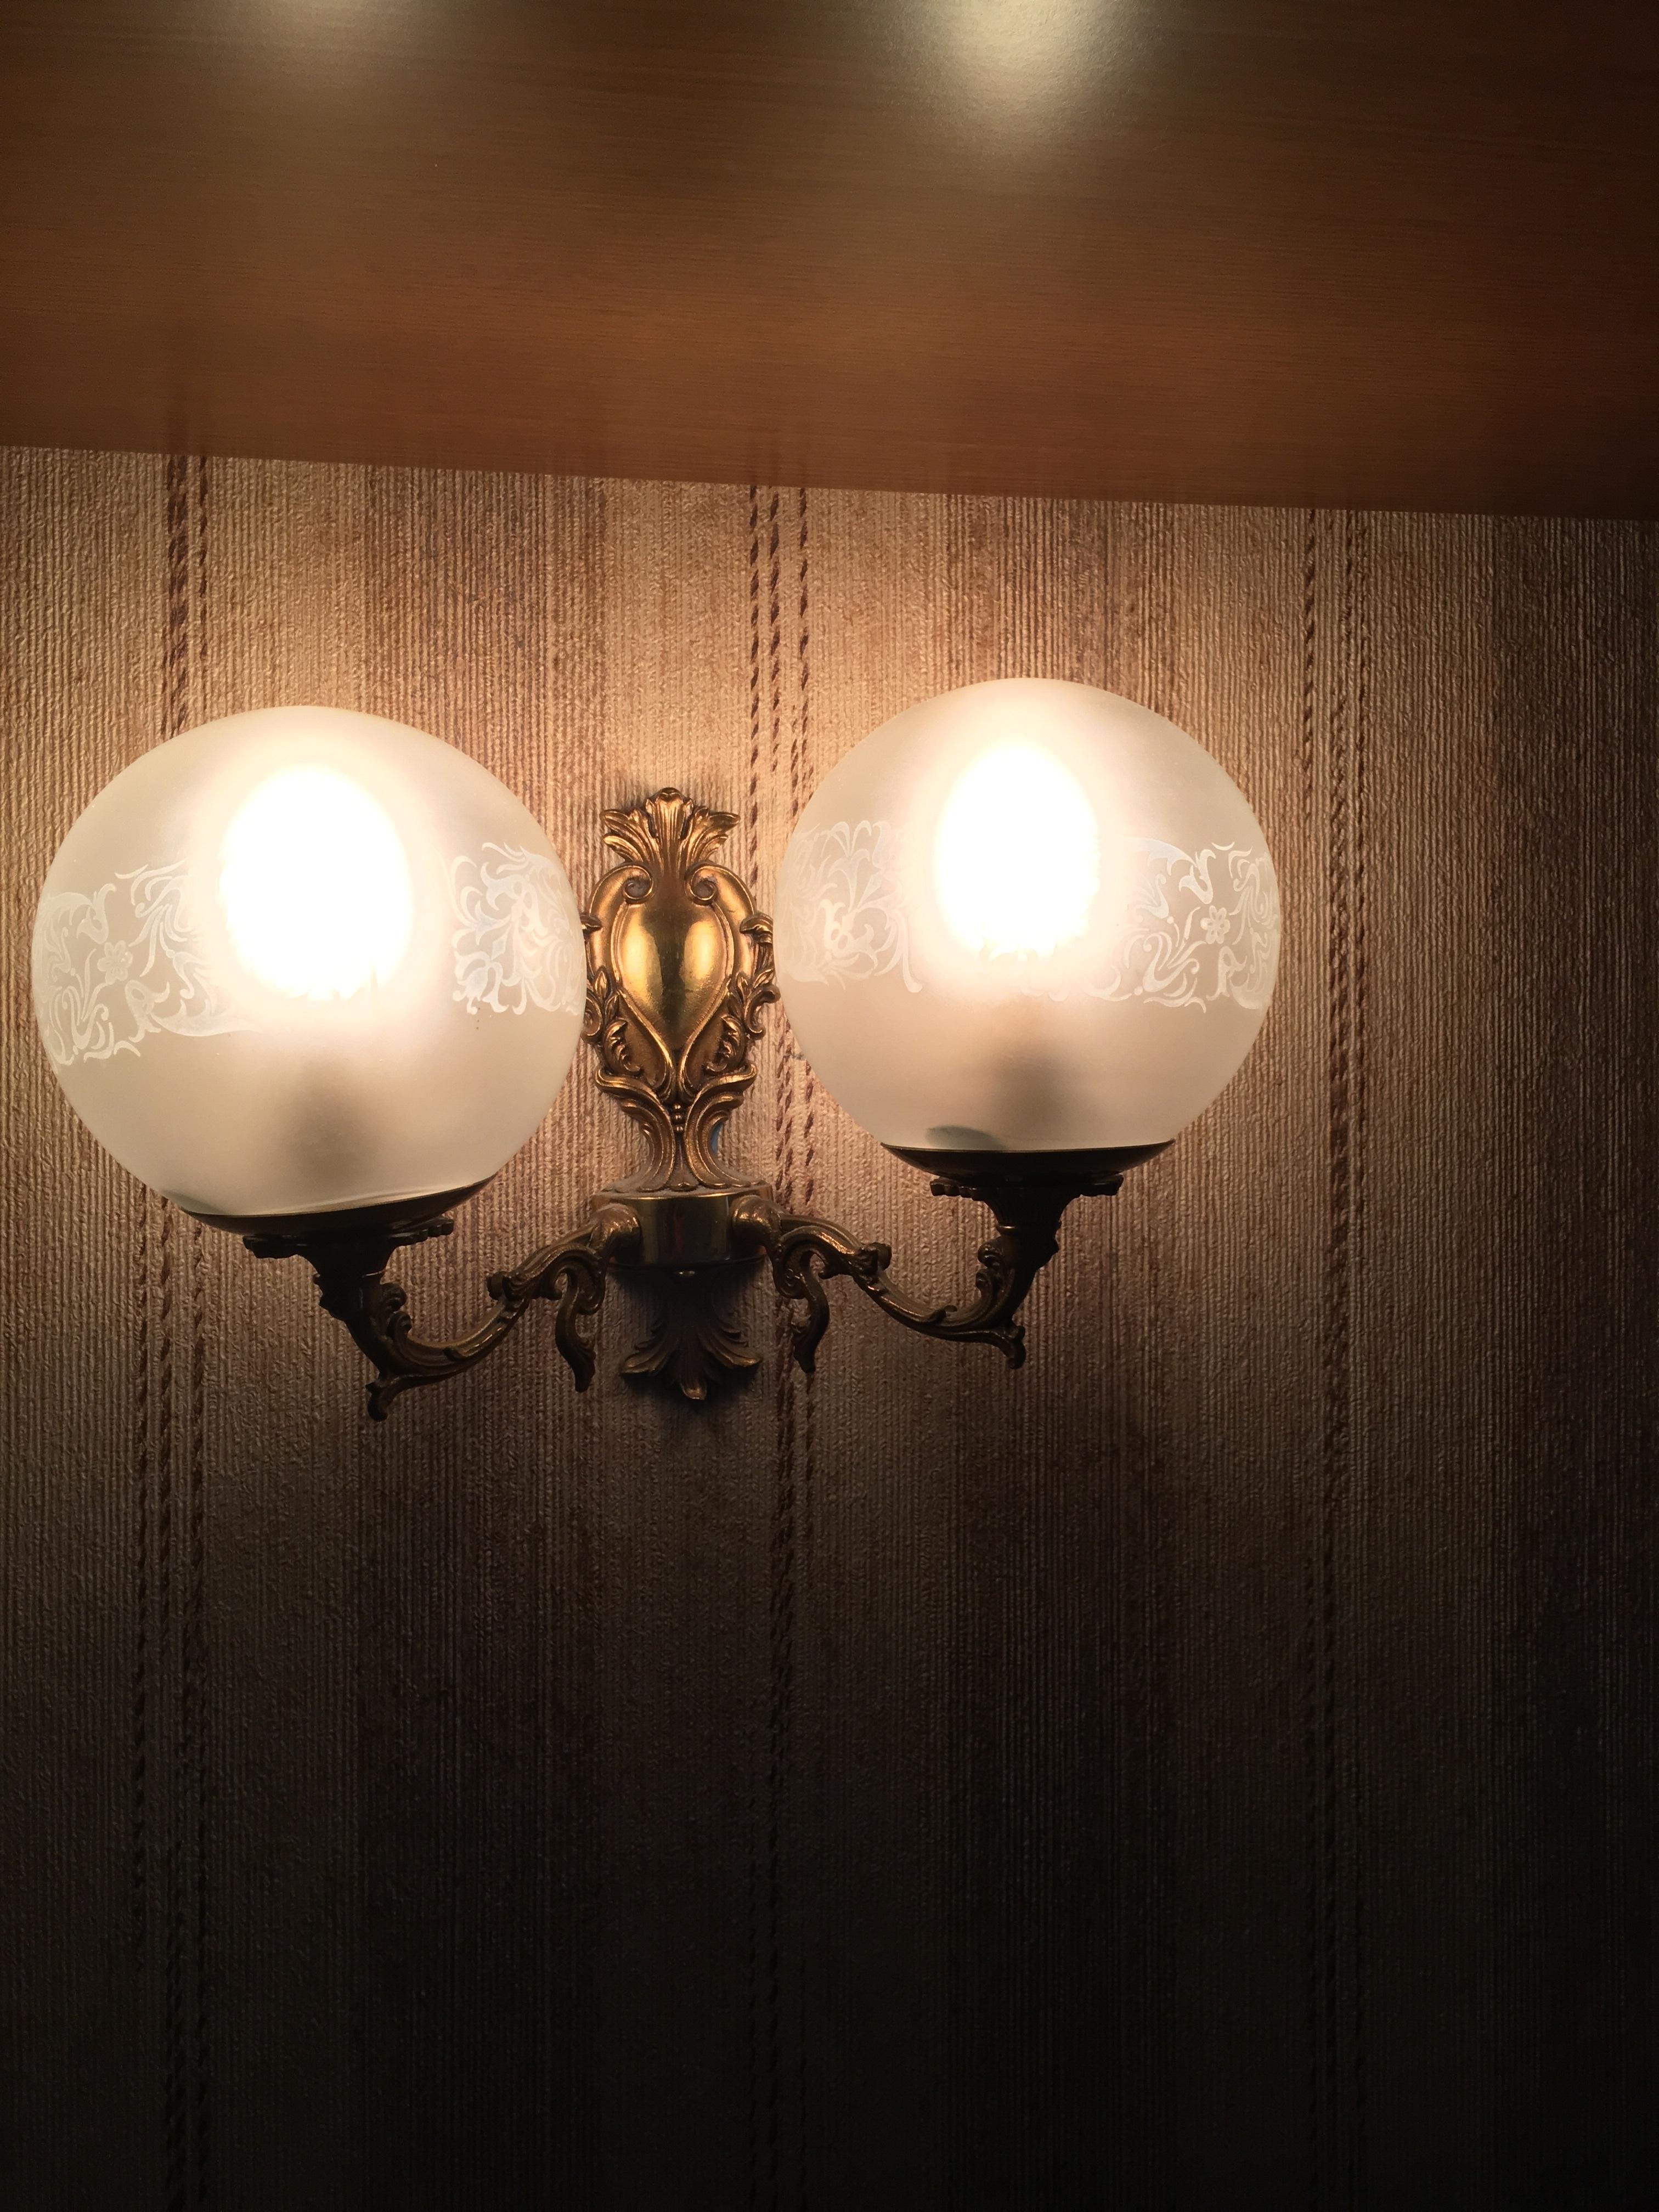 luminaires occasion en le de france annonces achat et vente de luminaires paruvendu. Black Bedroom Furniture Sets. Home Design Ideas